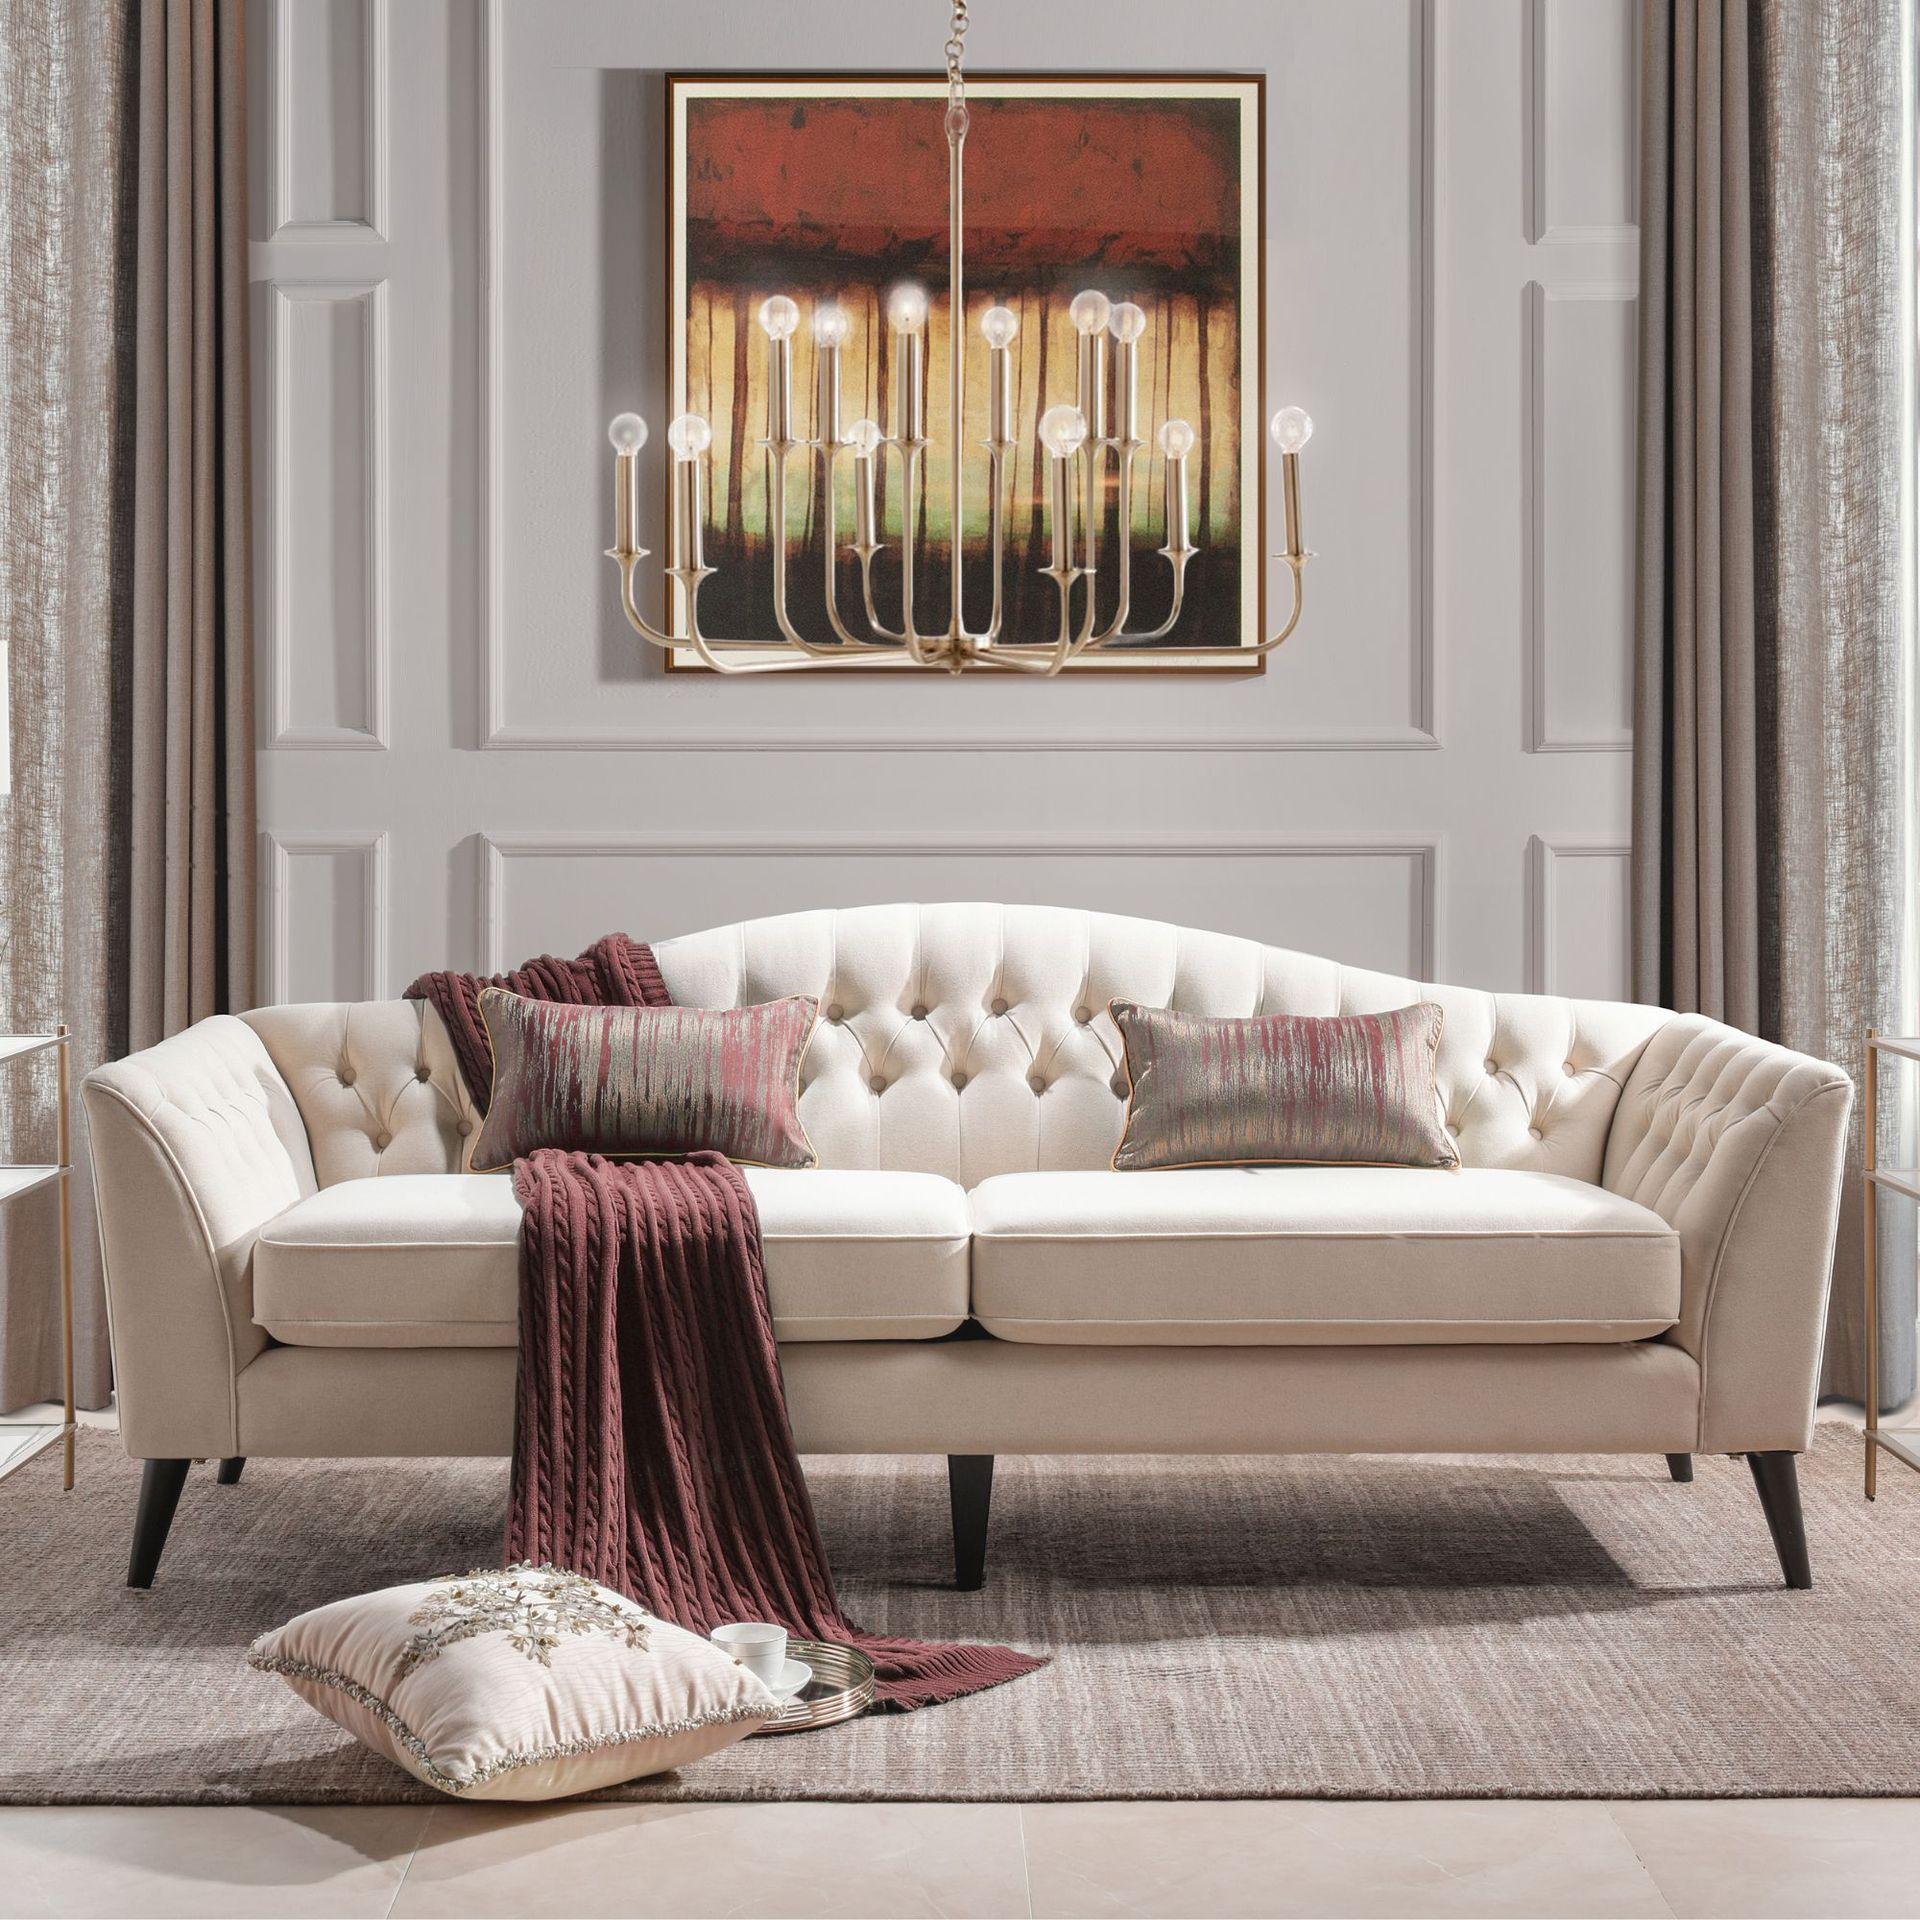 2019新款布艺沙发高弹海绵三人沙发经典美式 沙发酒店样板间定制